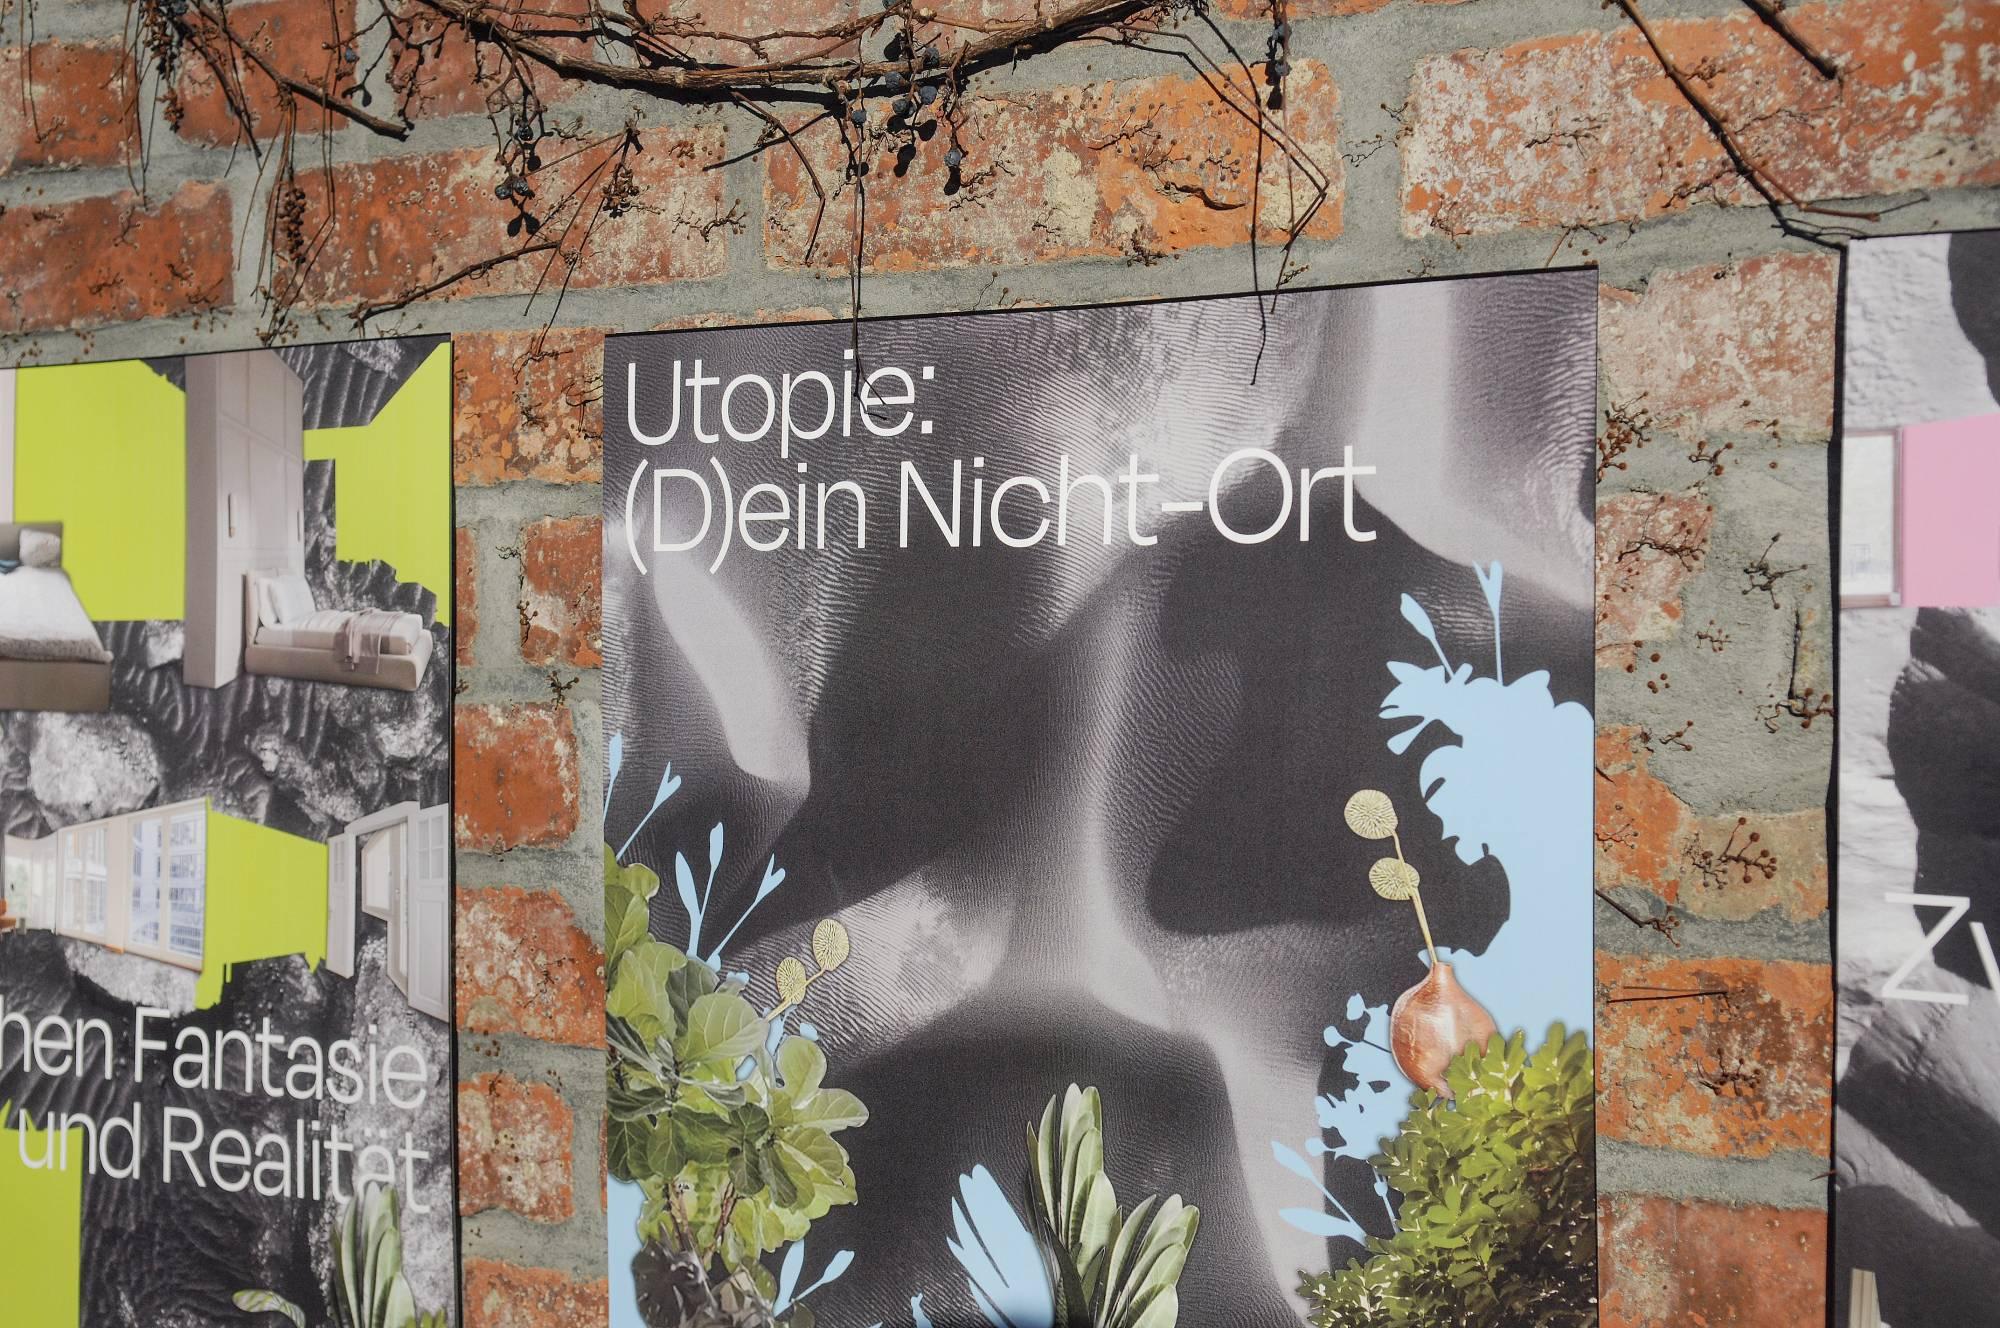 Utopie: (D)ein Nicht-Ort